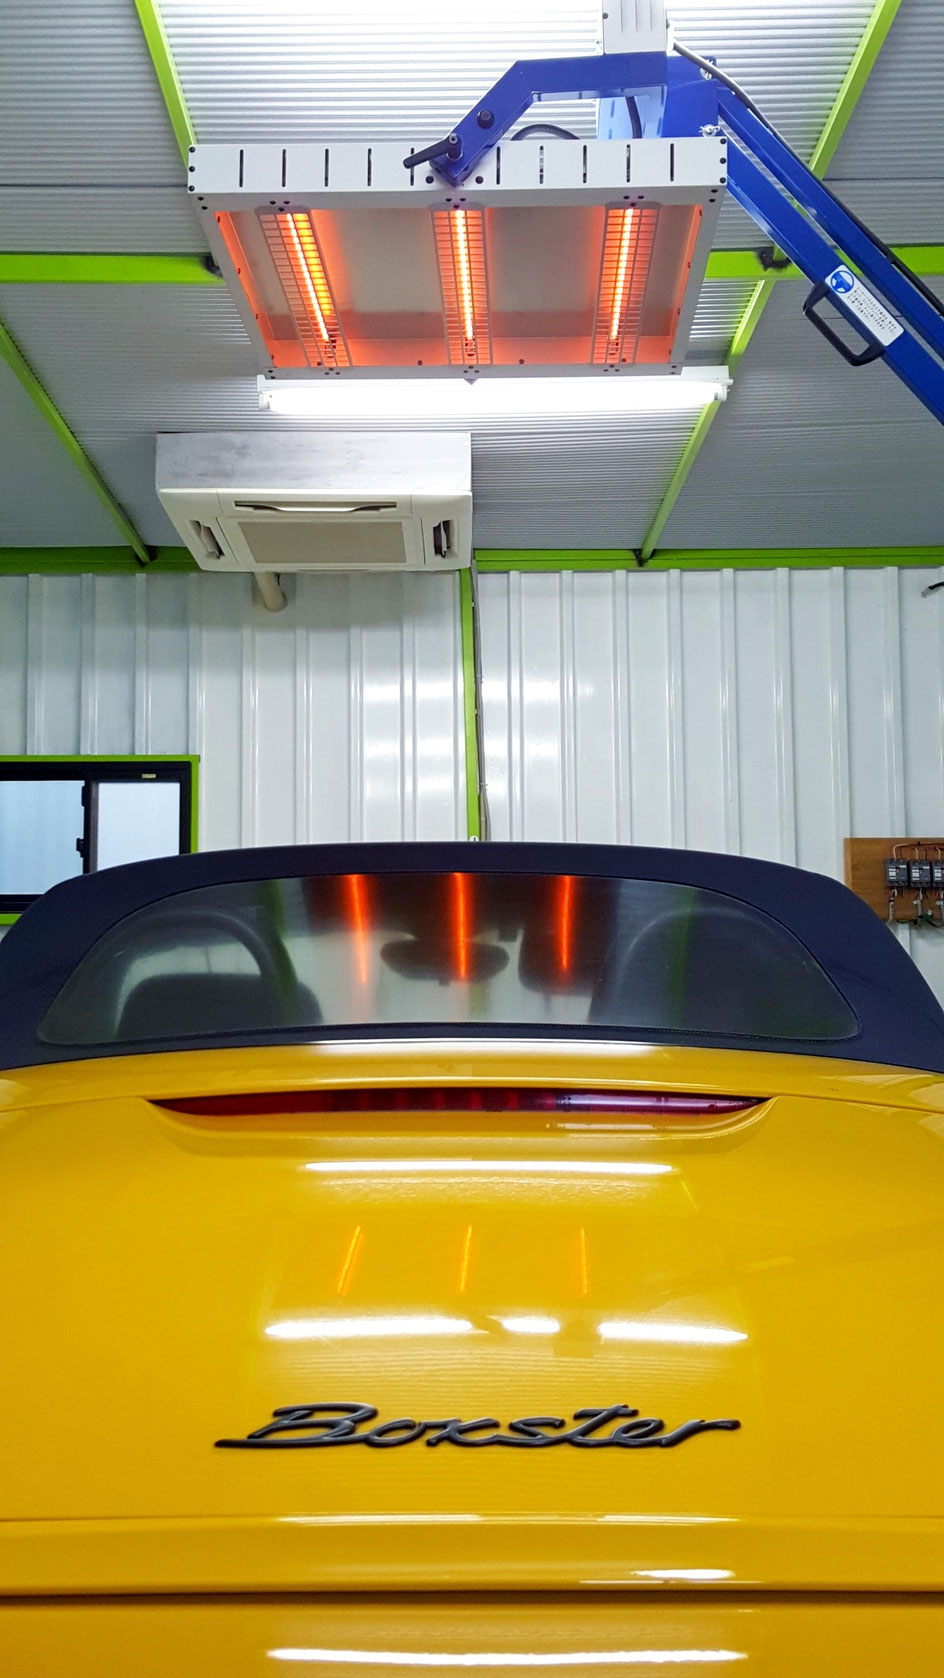 ボクスター幌コーティングの強制乾燥・焼き付け